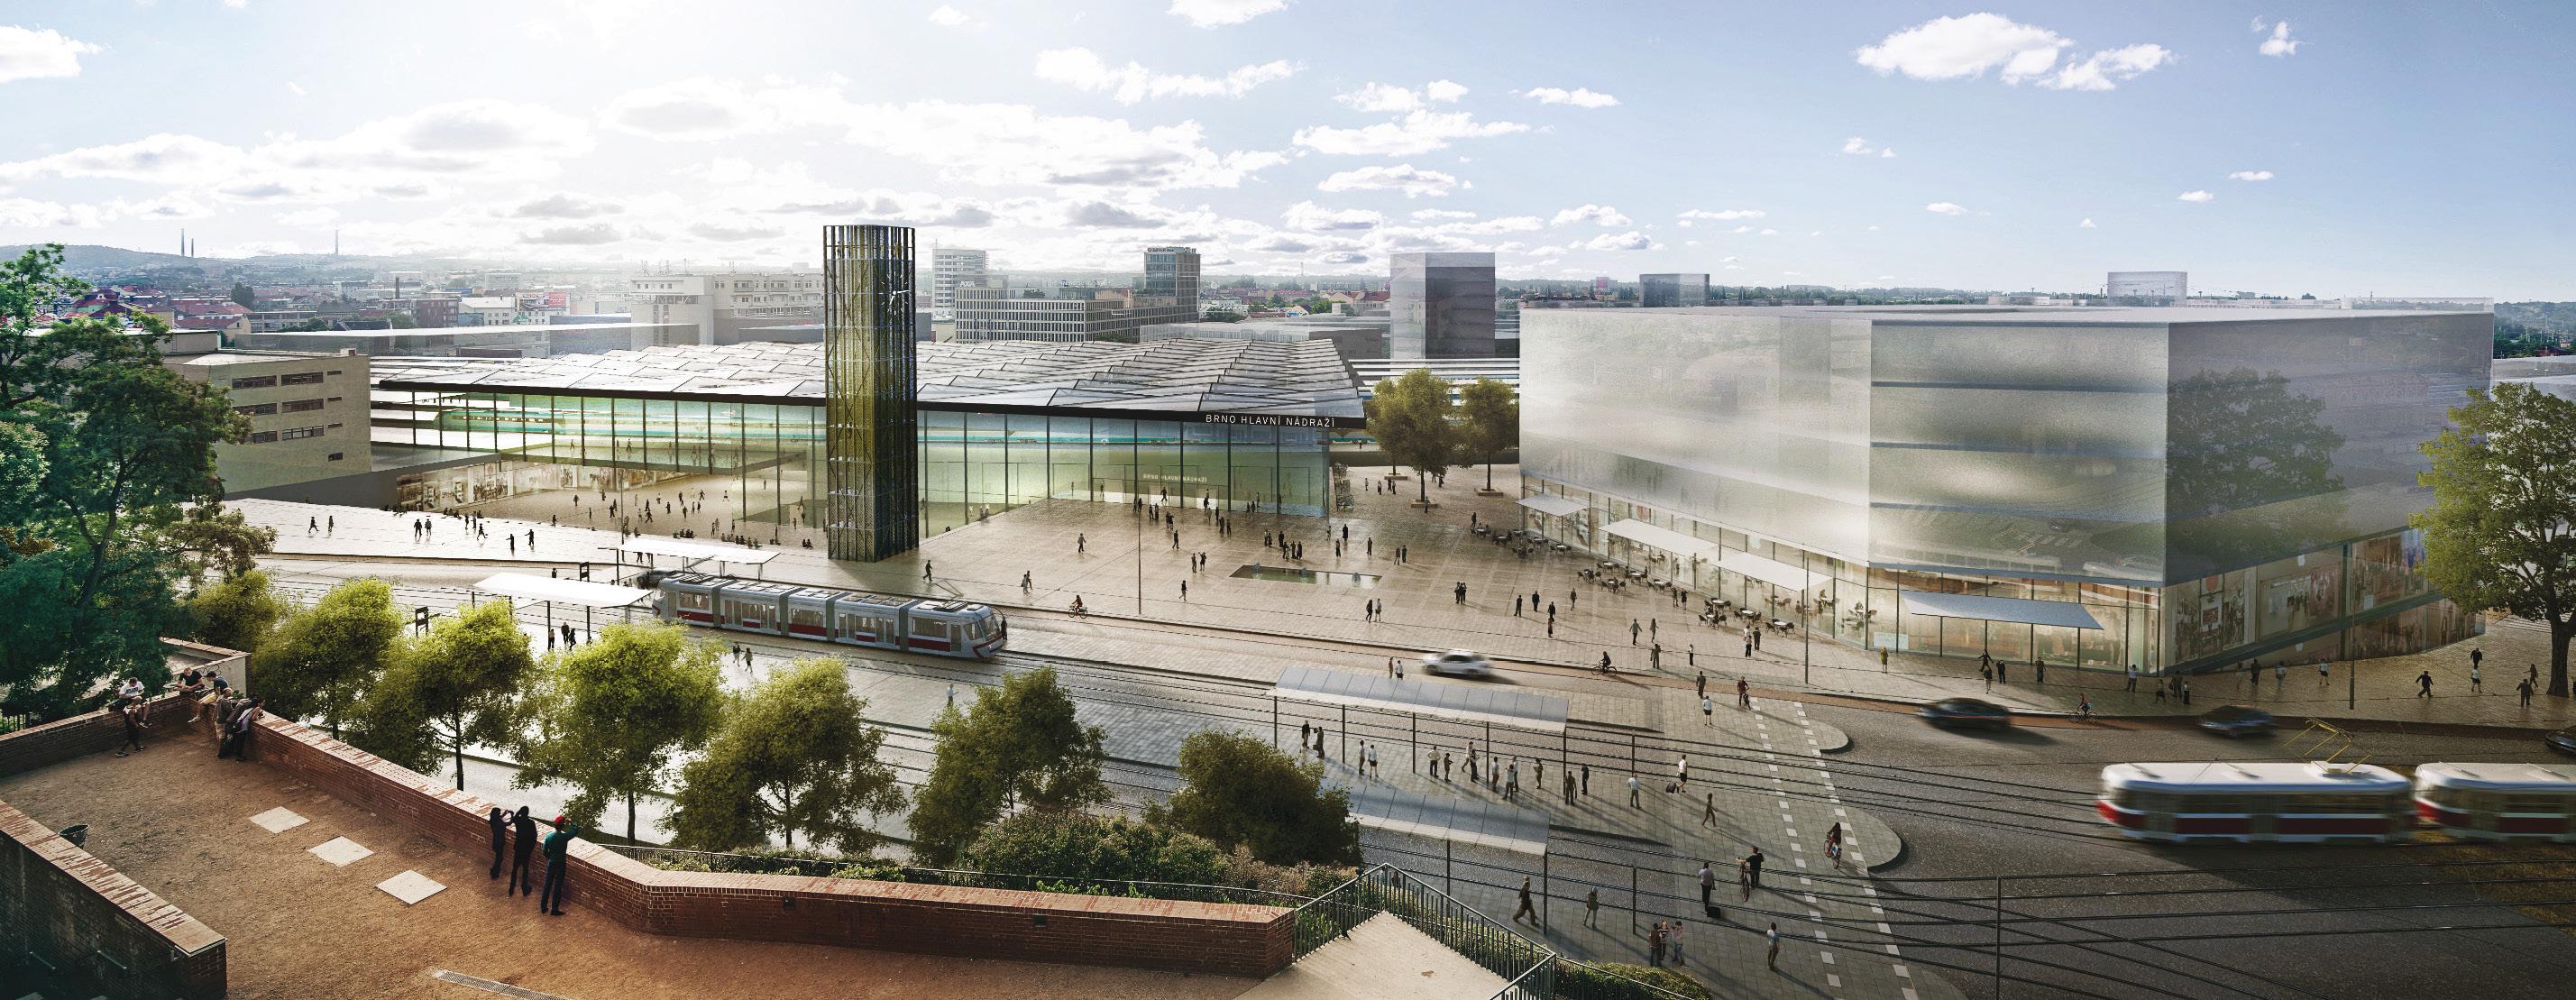 Místo šedých ulic park plný zeleně. Brno má plán na novou podobu nádraží